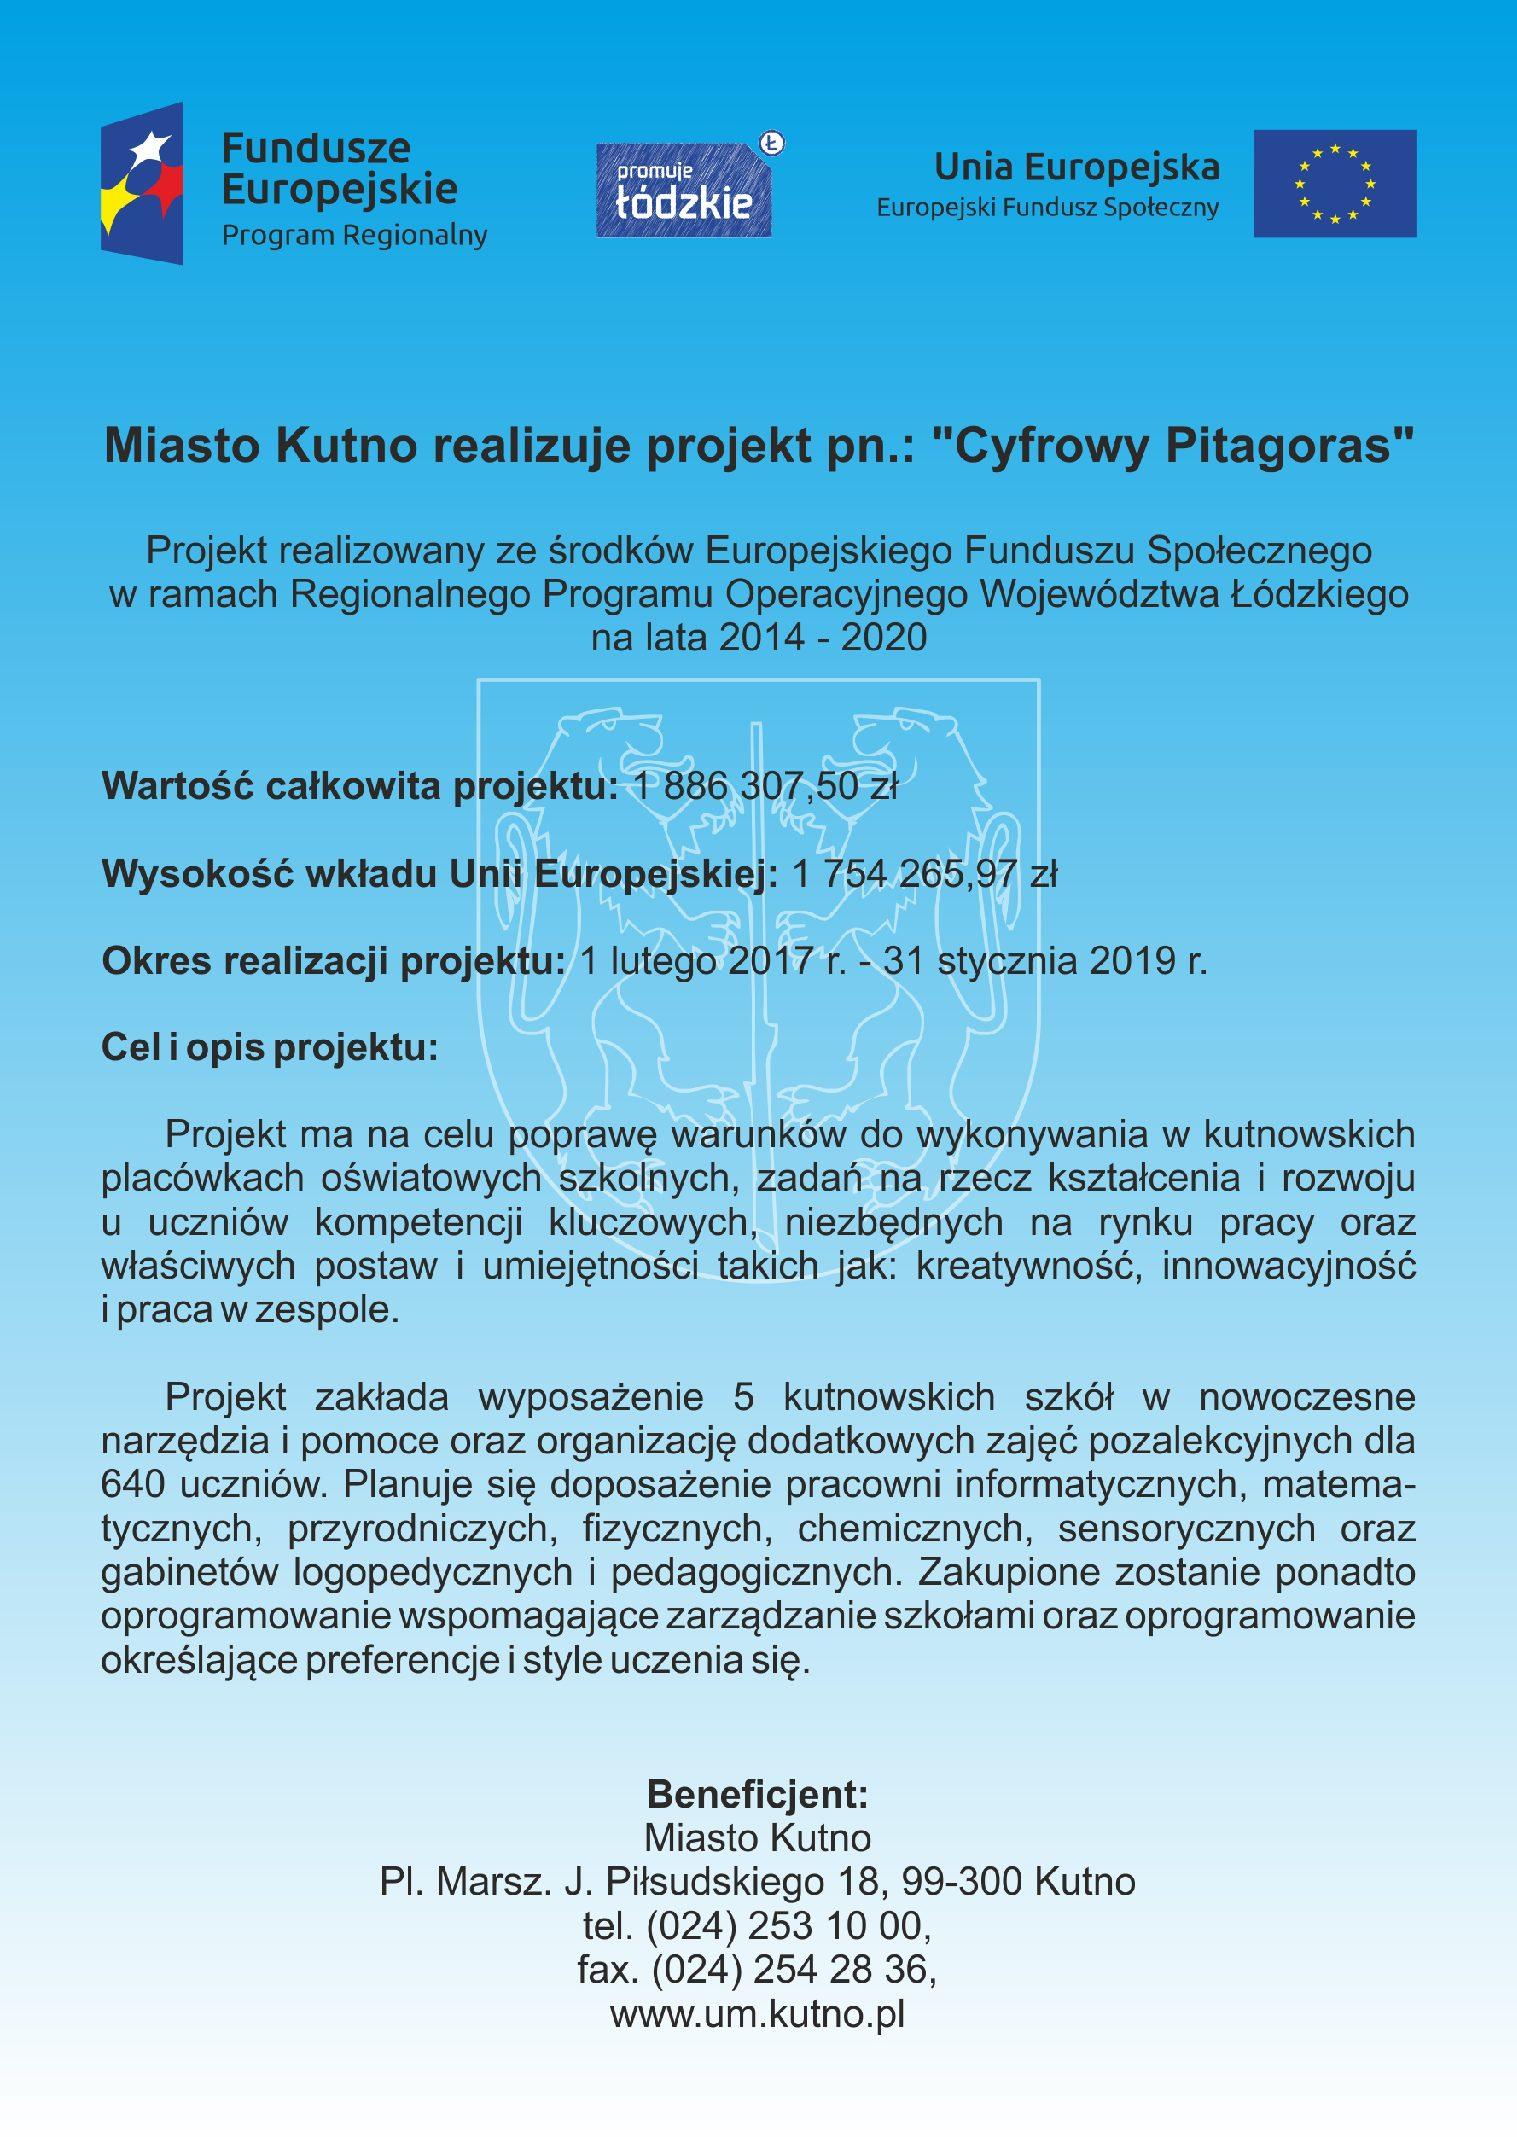 Cyfrowy Pitagoras